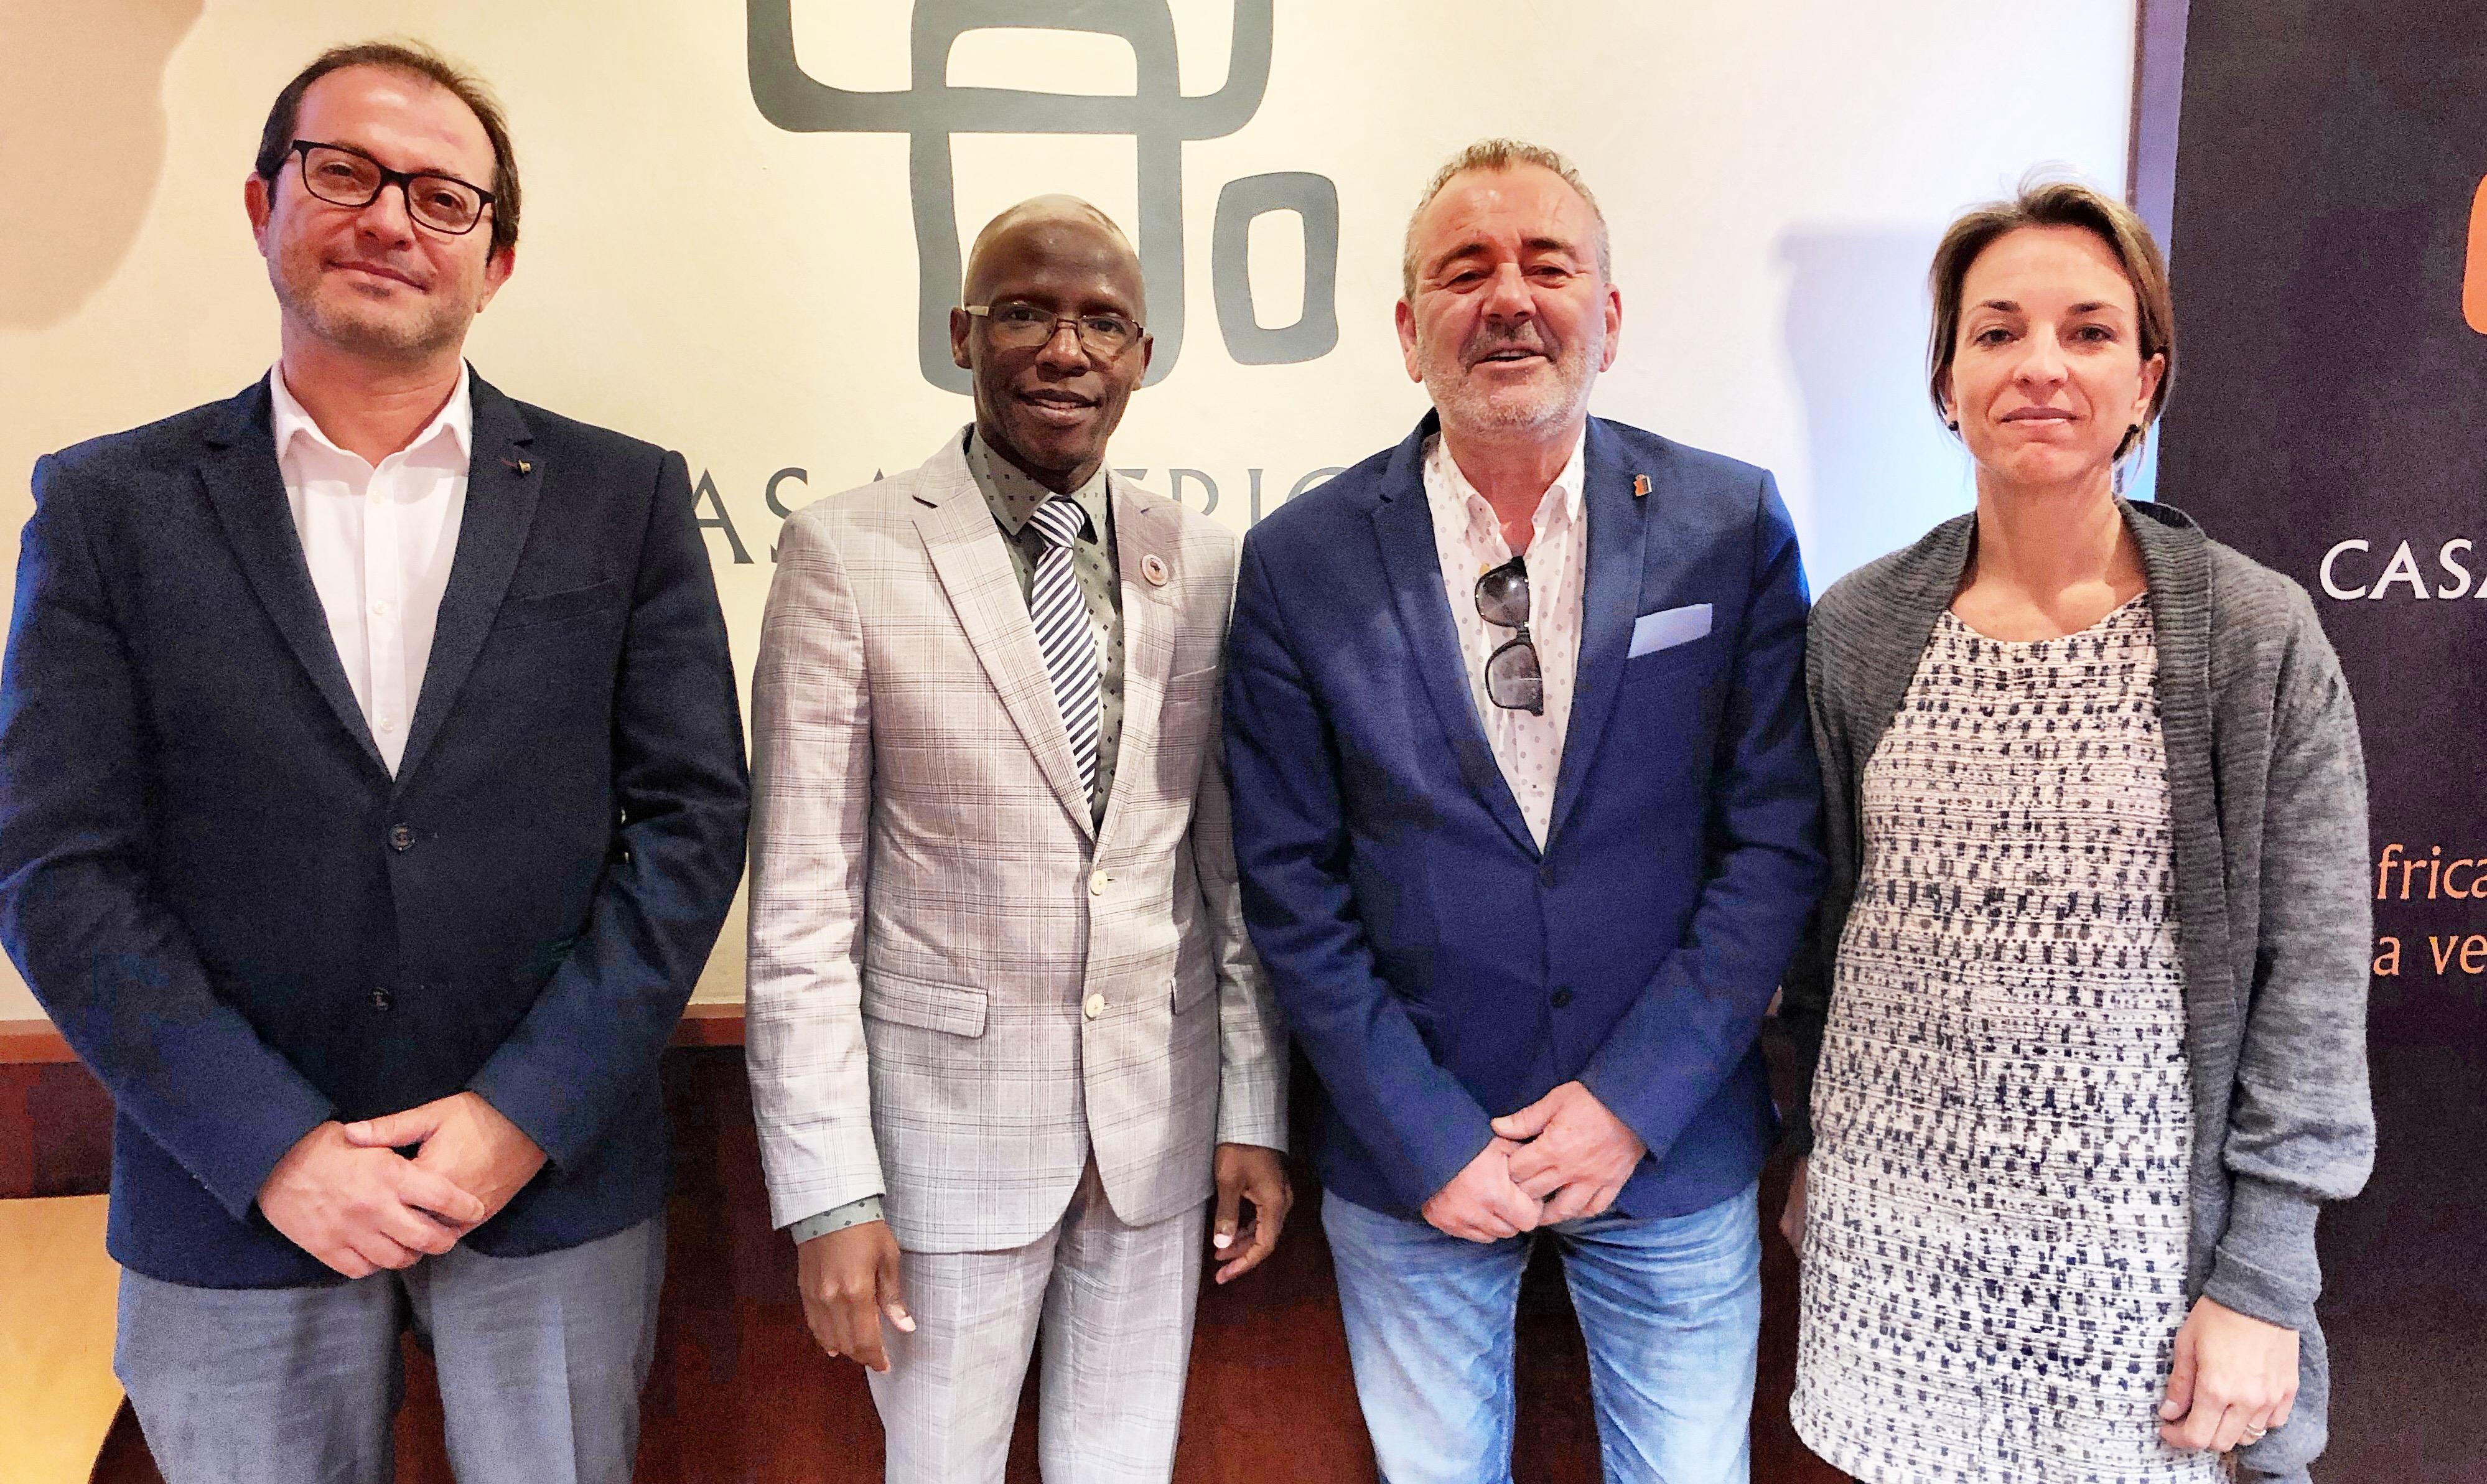 La Federación de Cámaras de Industria y Comercio de África Occidental se reúne en Casa África con Femepa